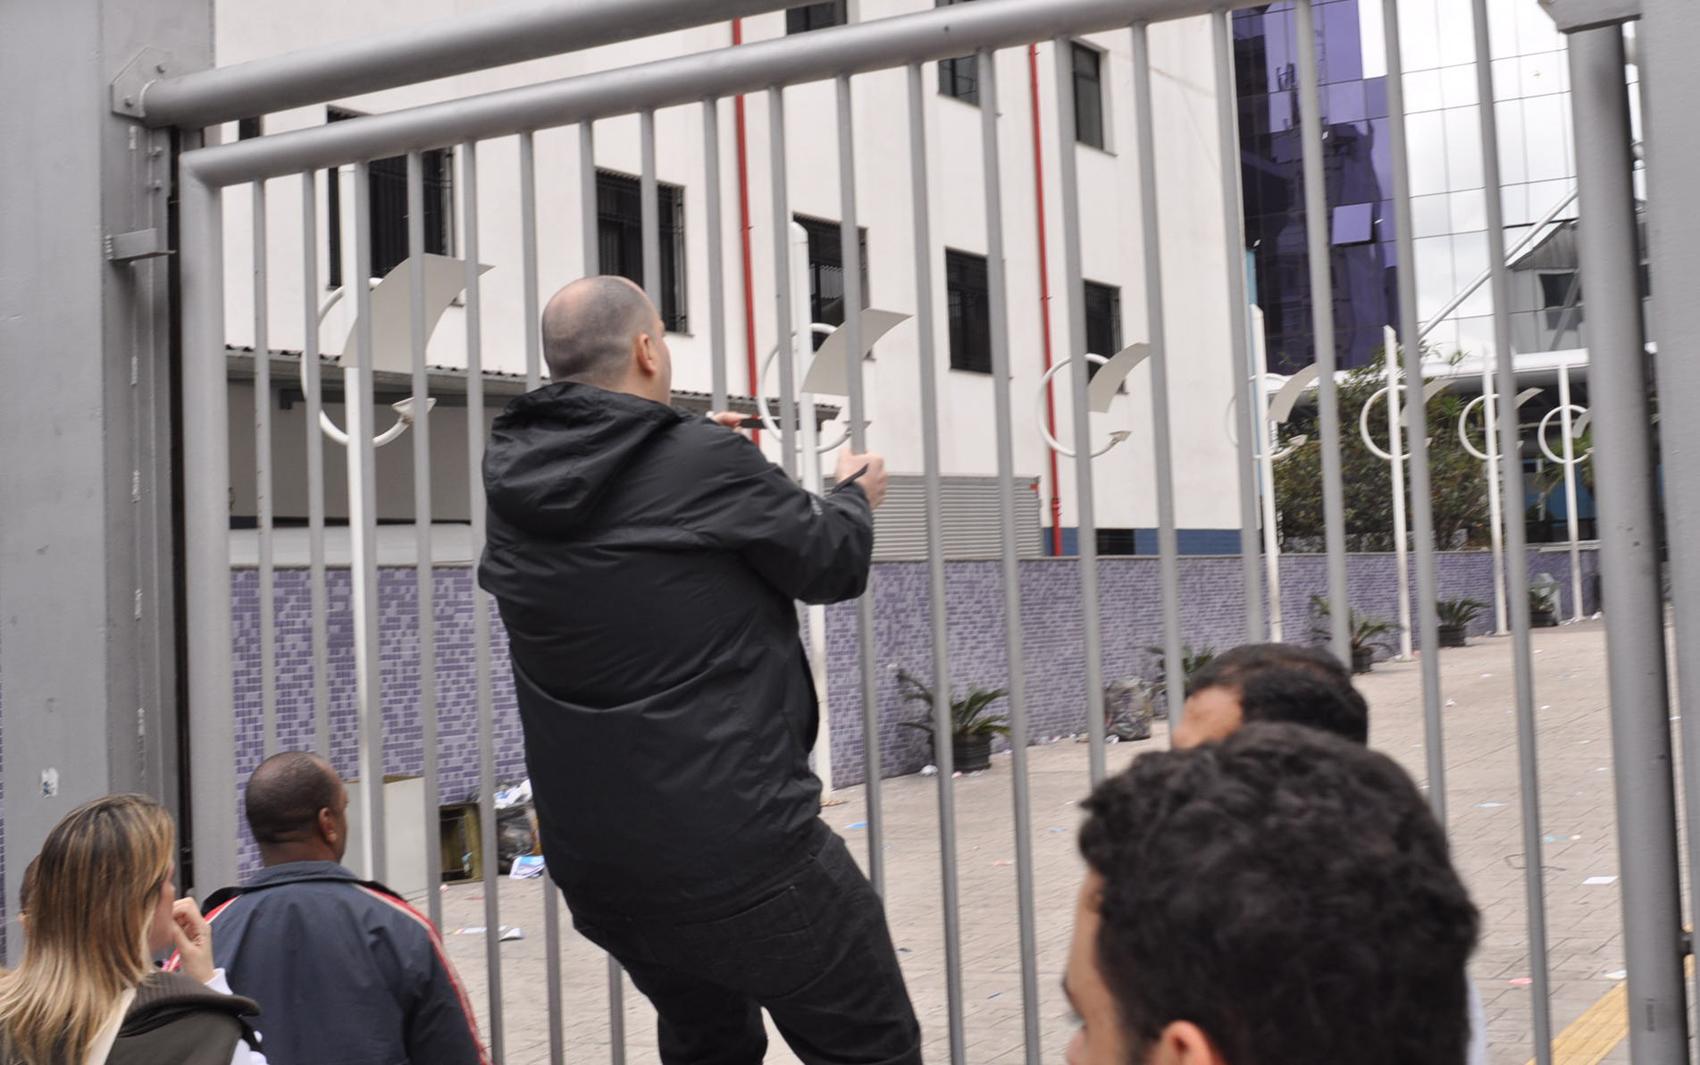 Canditado que chegou atrasado se revolta, sobe no portão e grita contra os seguranças e funcionários da OAB